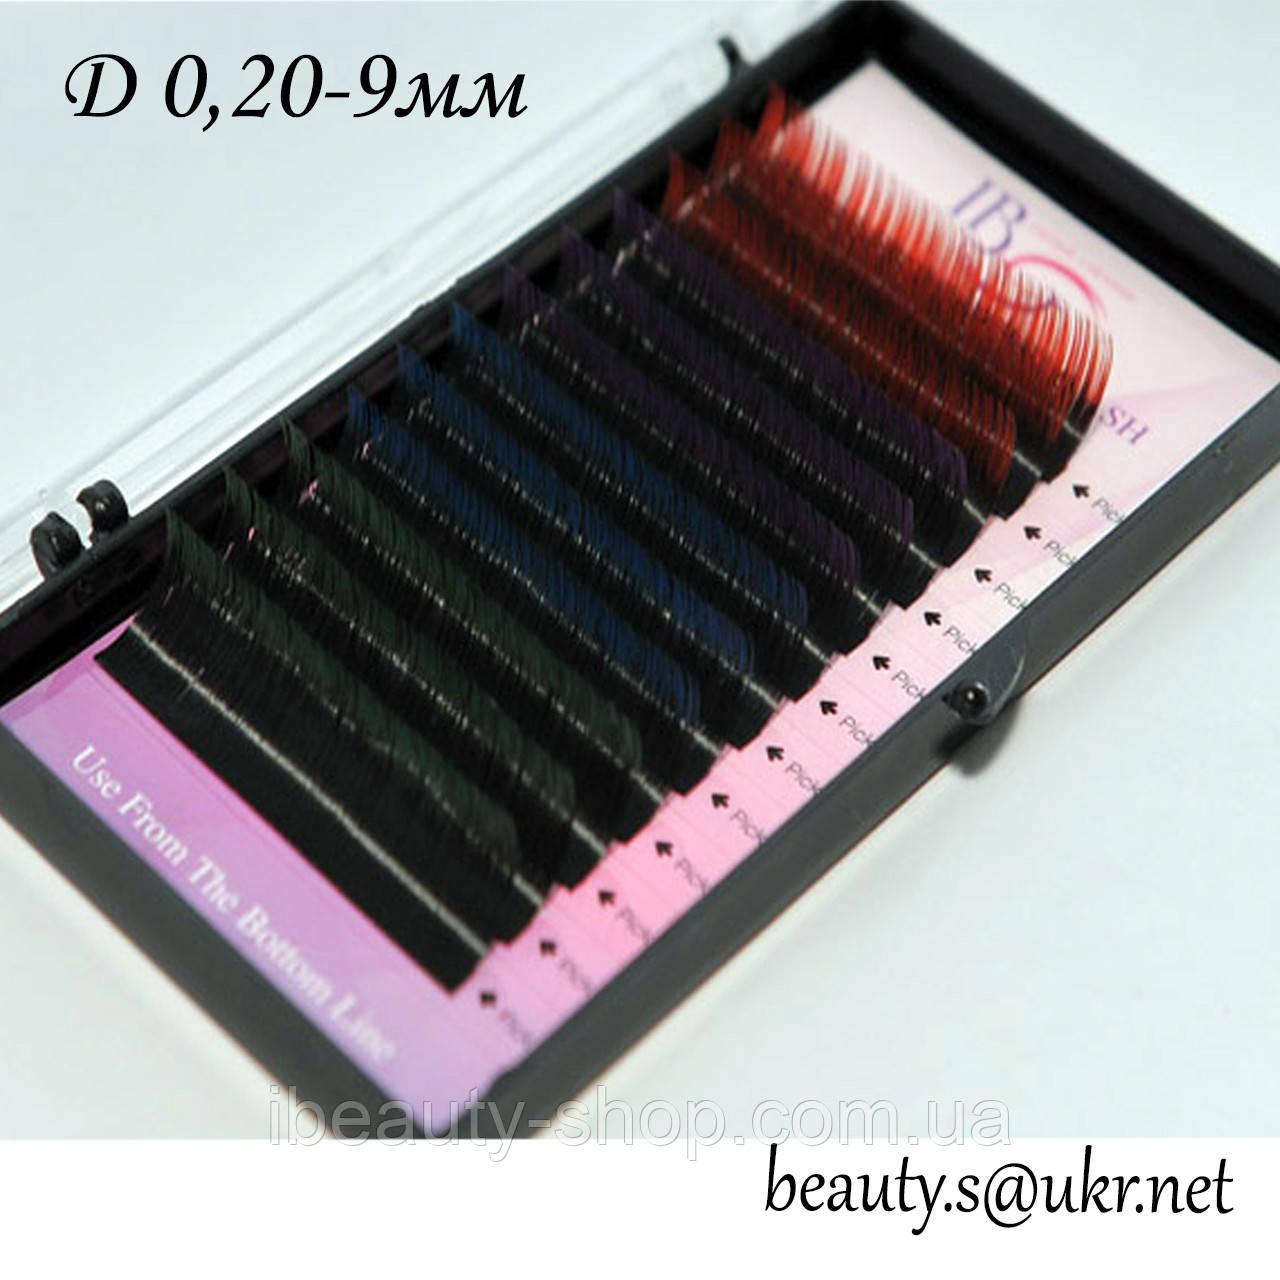 Вії I-Beauty, Д 0,20-9мм,кольорові кінці,4 кольори